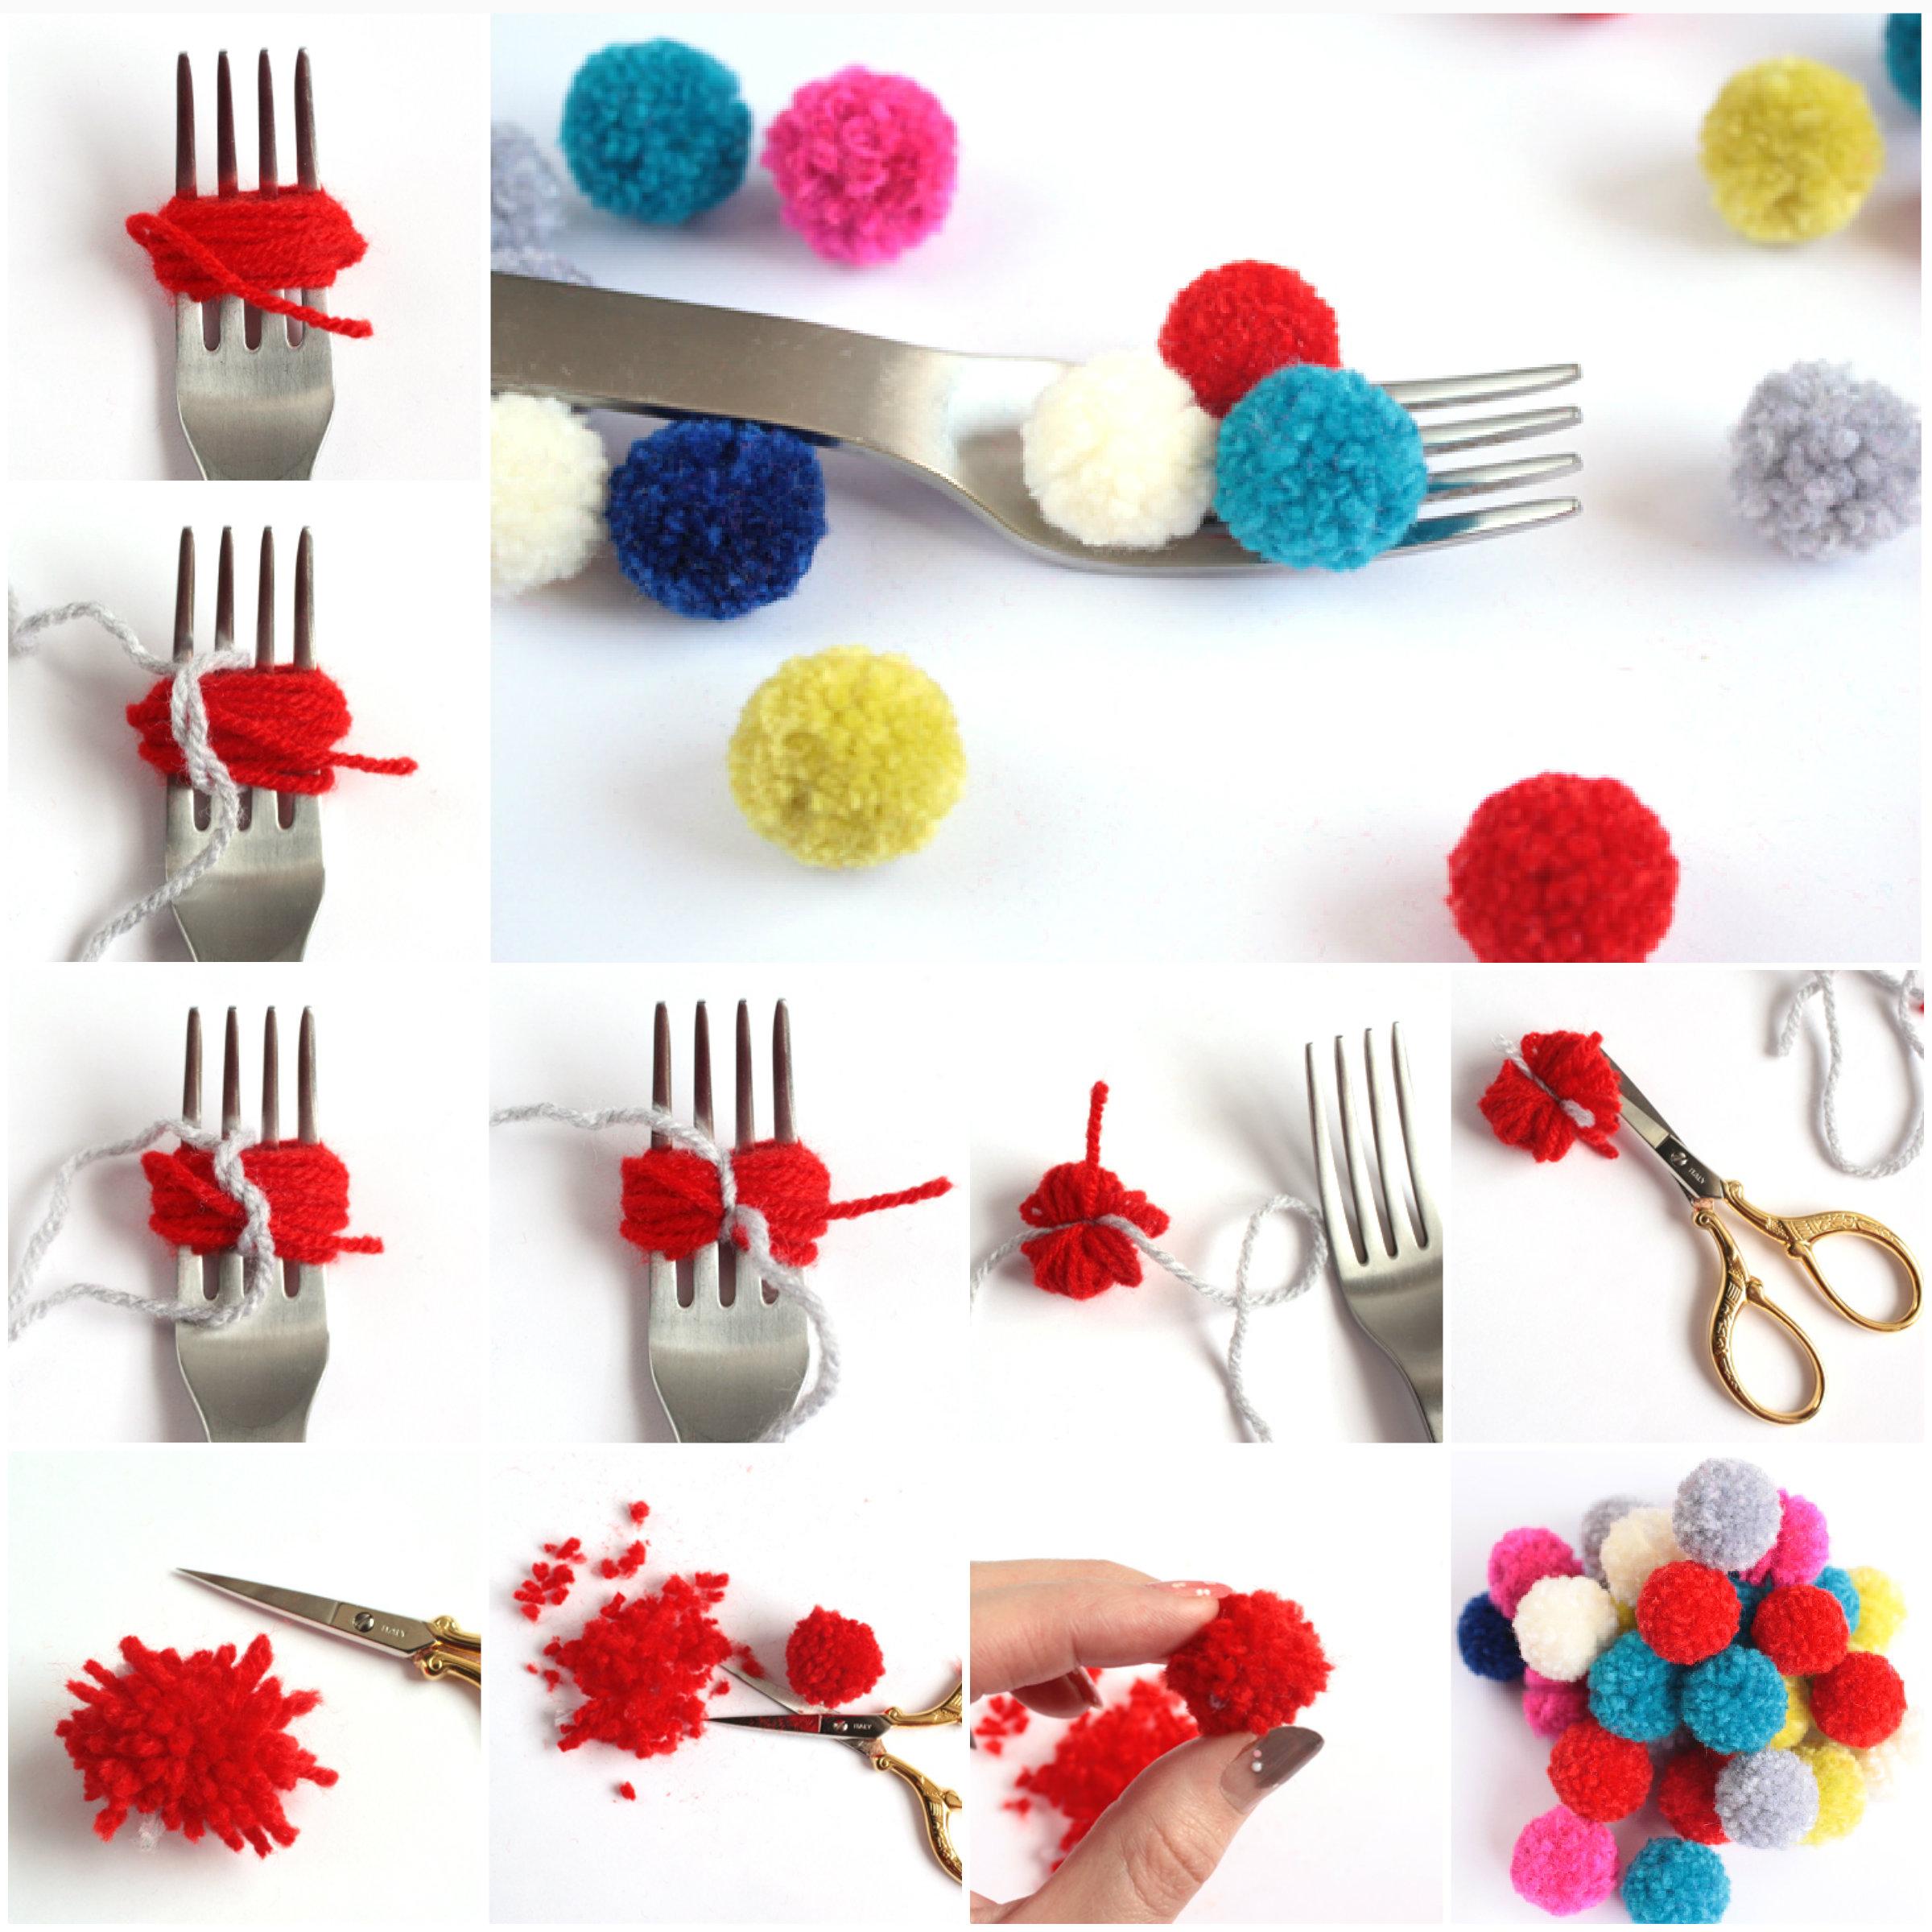 Make-Pom-Poms-with-a-Fork